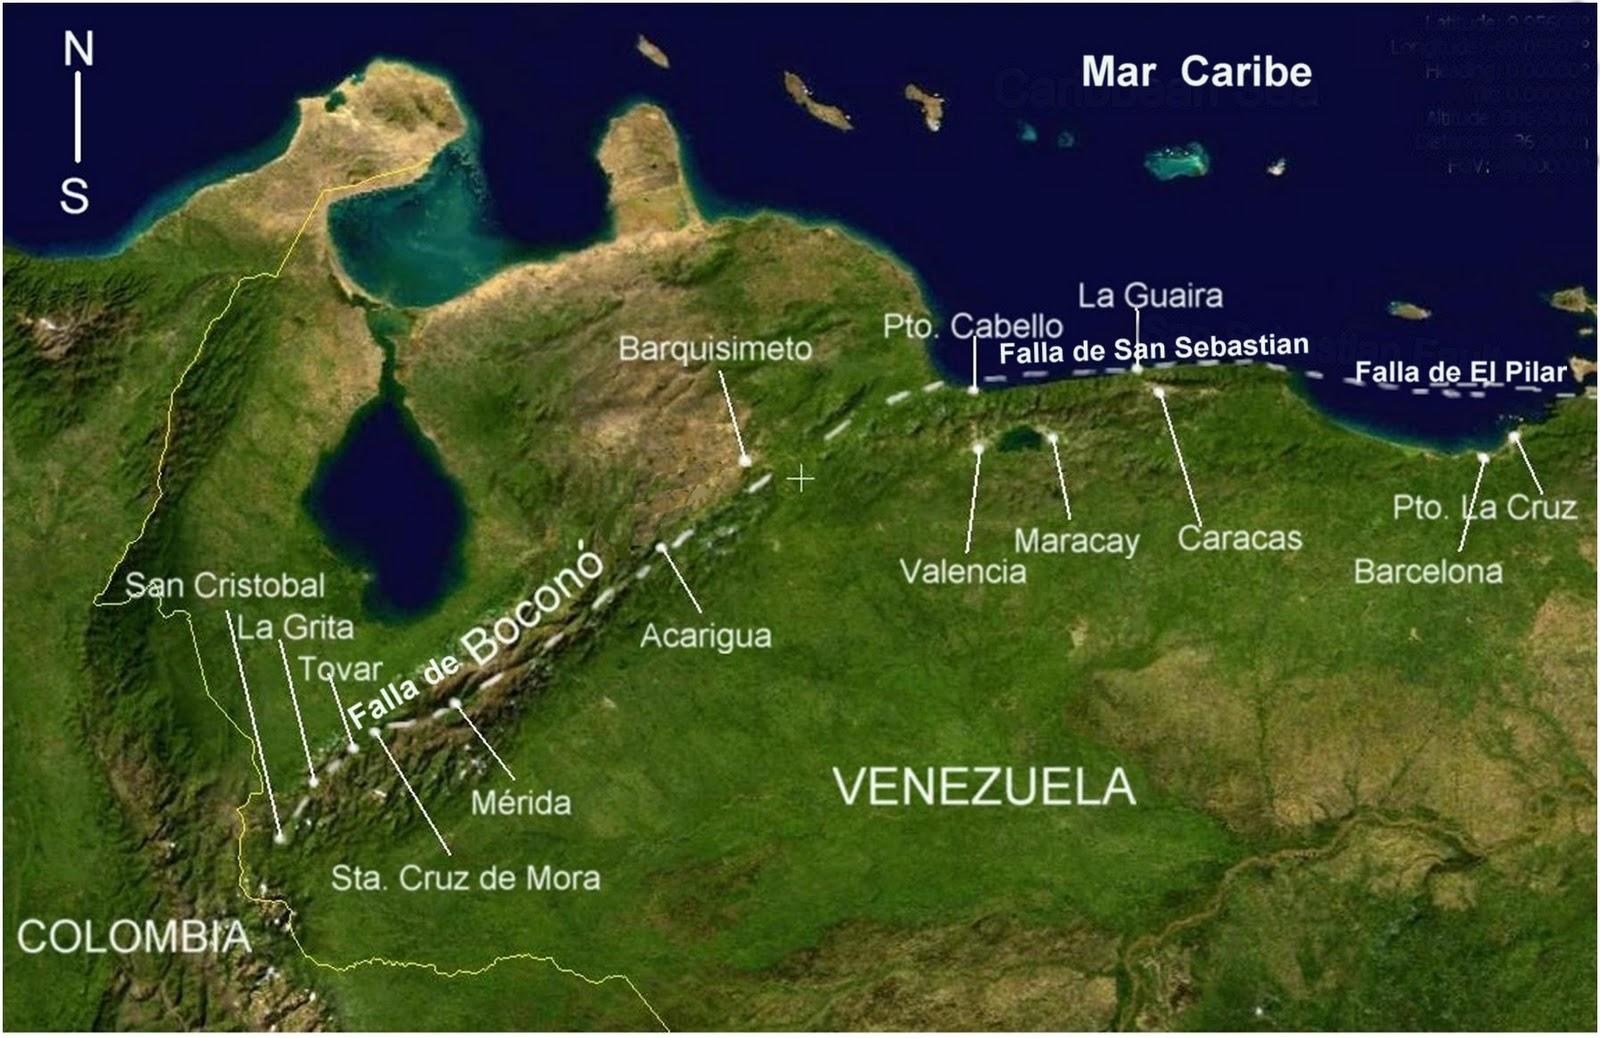 Mapa satelital mar caribe